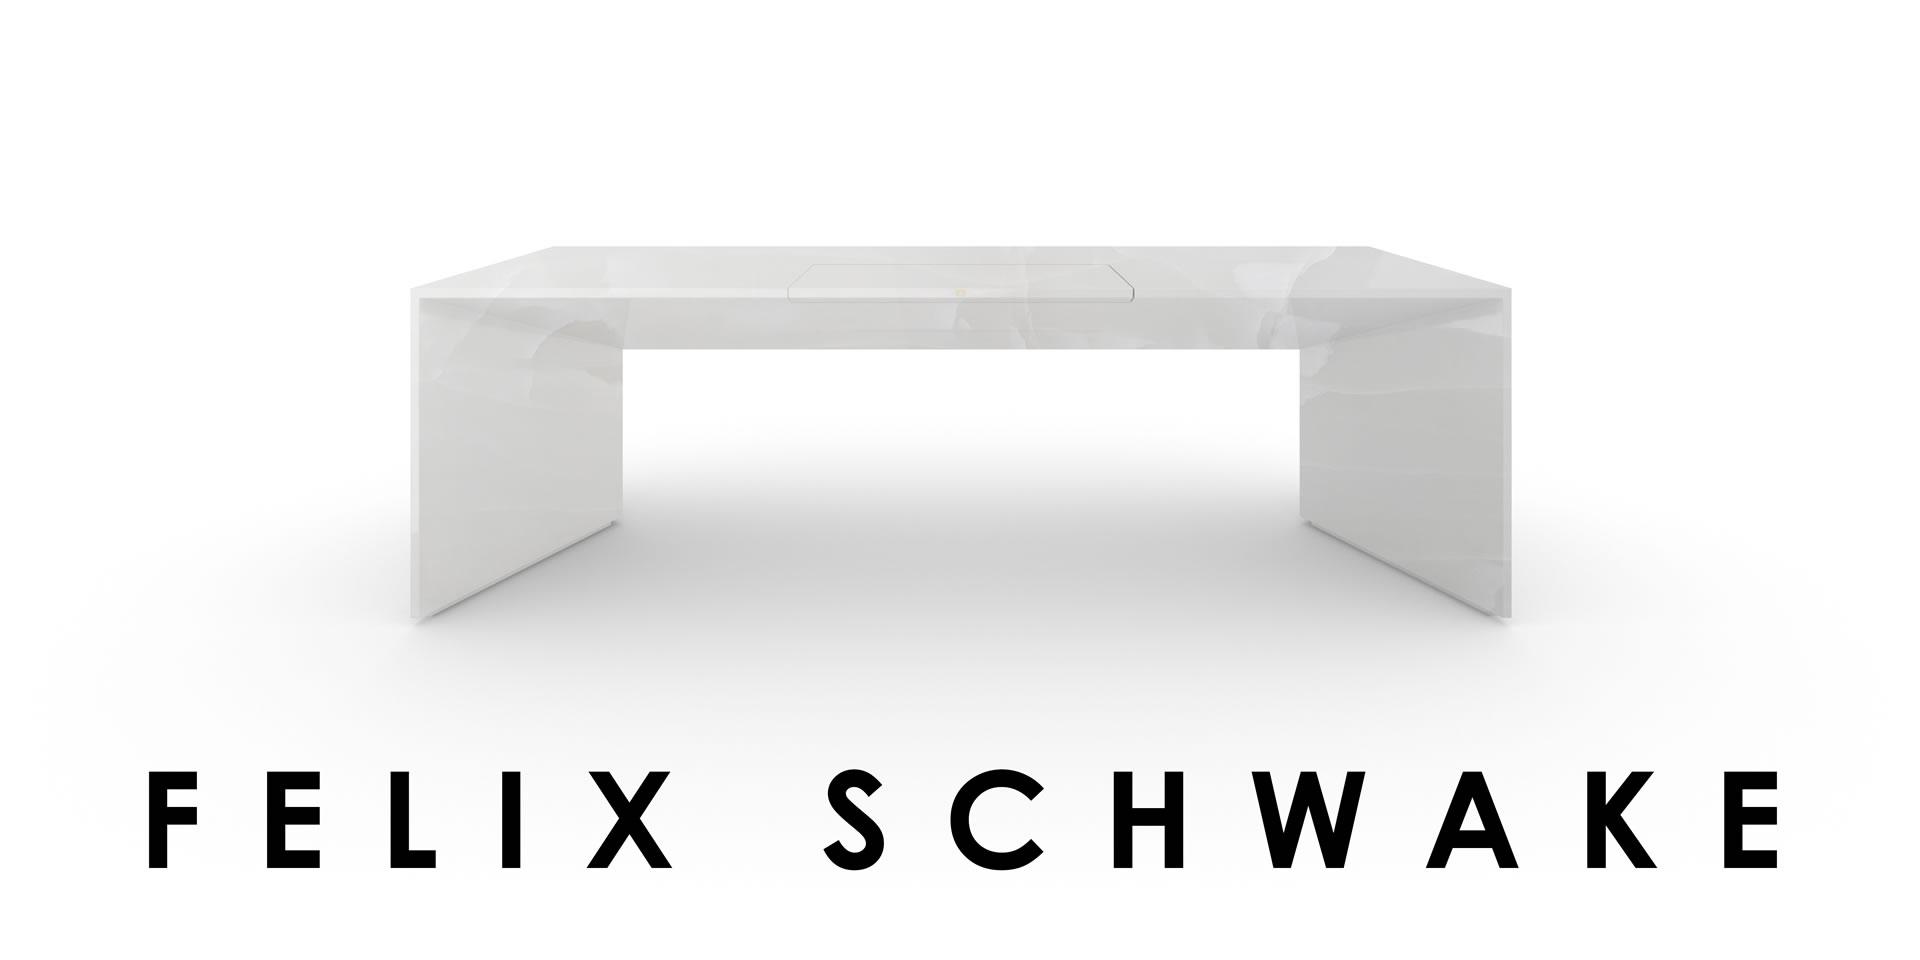 Attraktiv Schreibtisch Weiß Groß Foto Von Please Fill Out The Form To Share